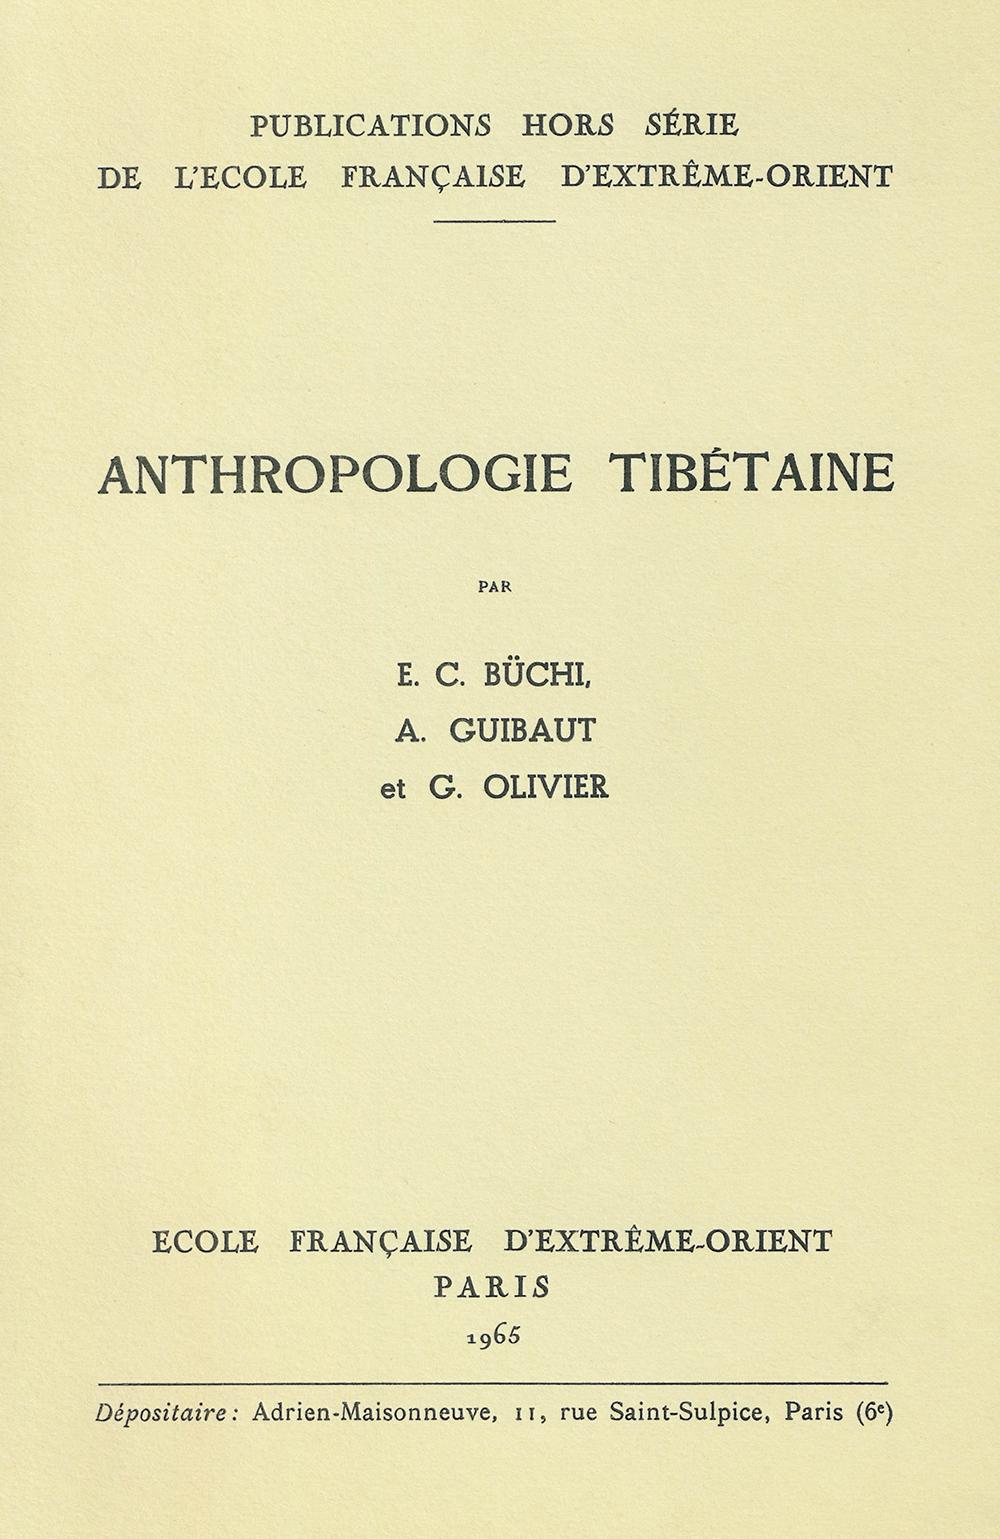 Anthropologie des tibétains : Anthropologie des tibétains orientaux